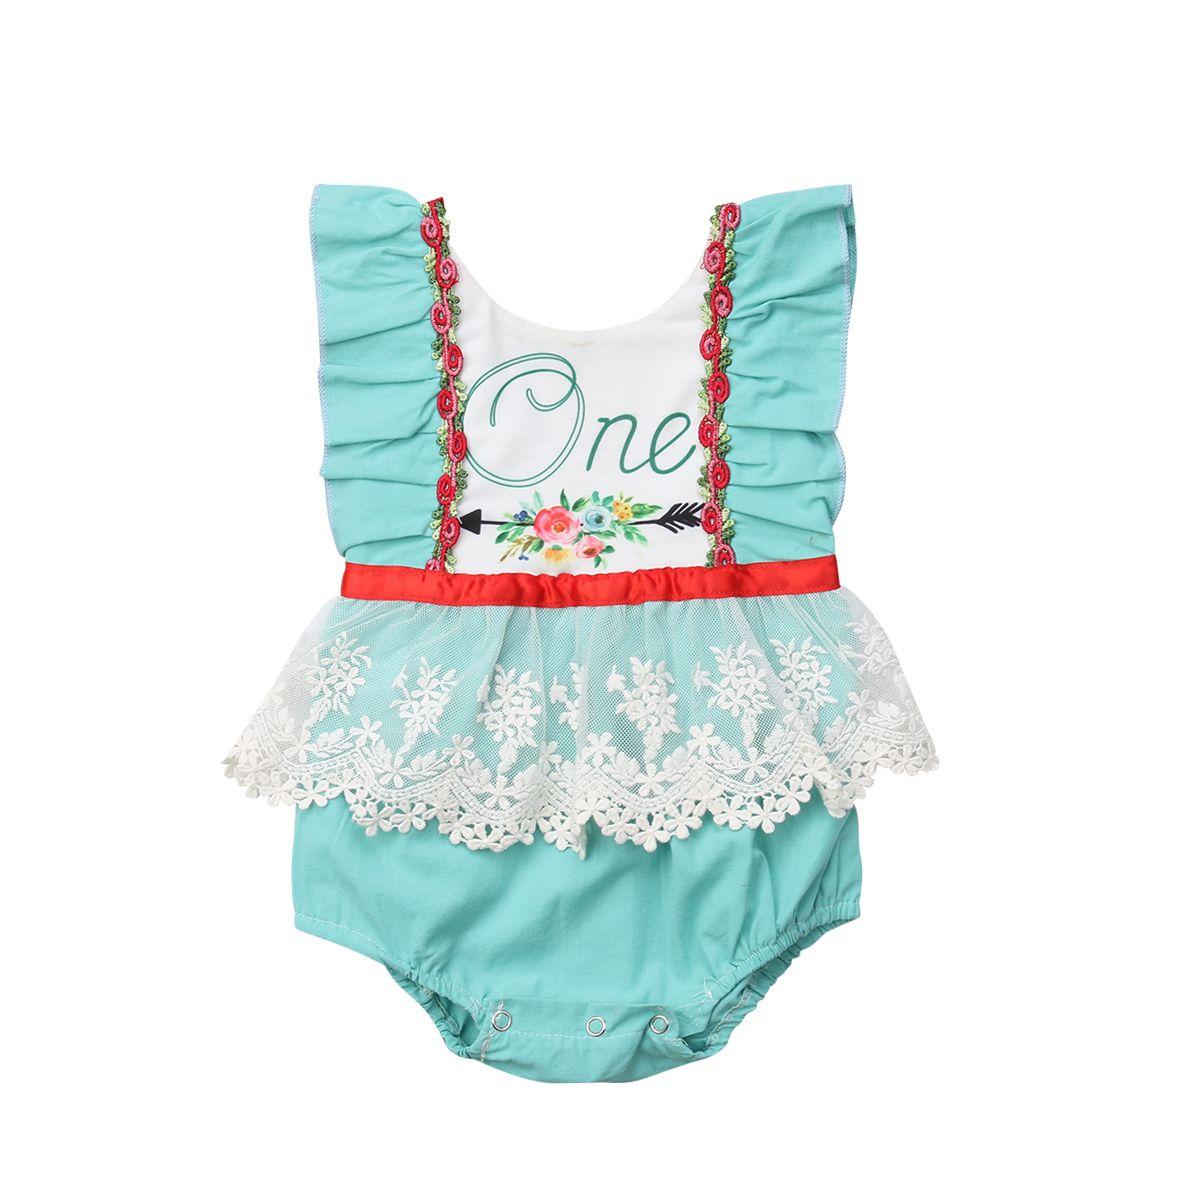 Yenidoğan Bebek Çocuk Kız bebekler Romper Dantel Çiçek Yelek Pamuk Casual Popüler Kolsuz Romper Jumpsuit Kıyafetler Giyim 0-24M Sıcak